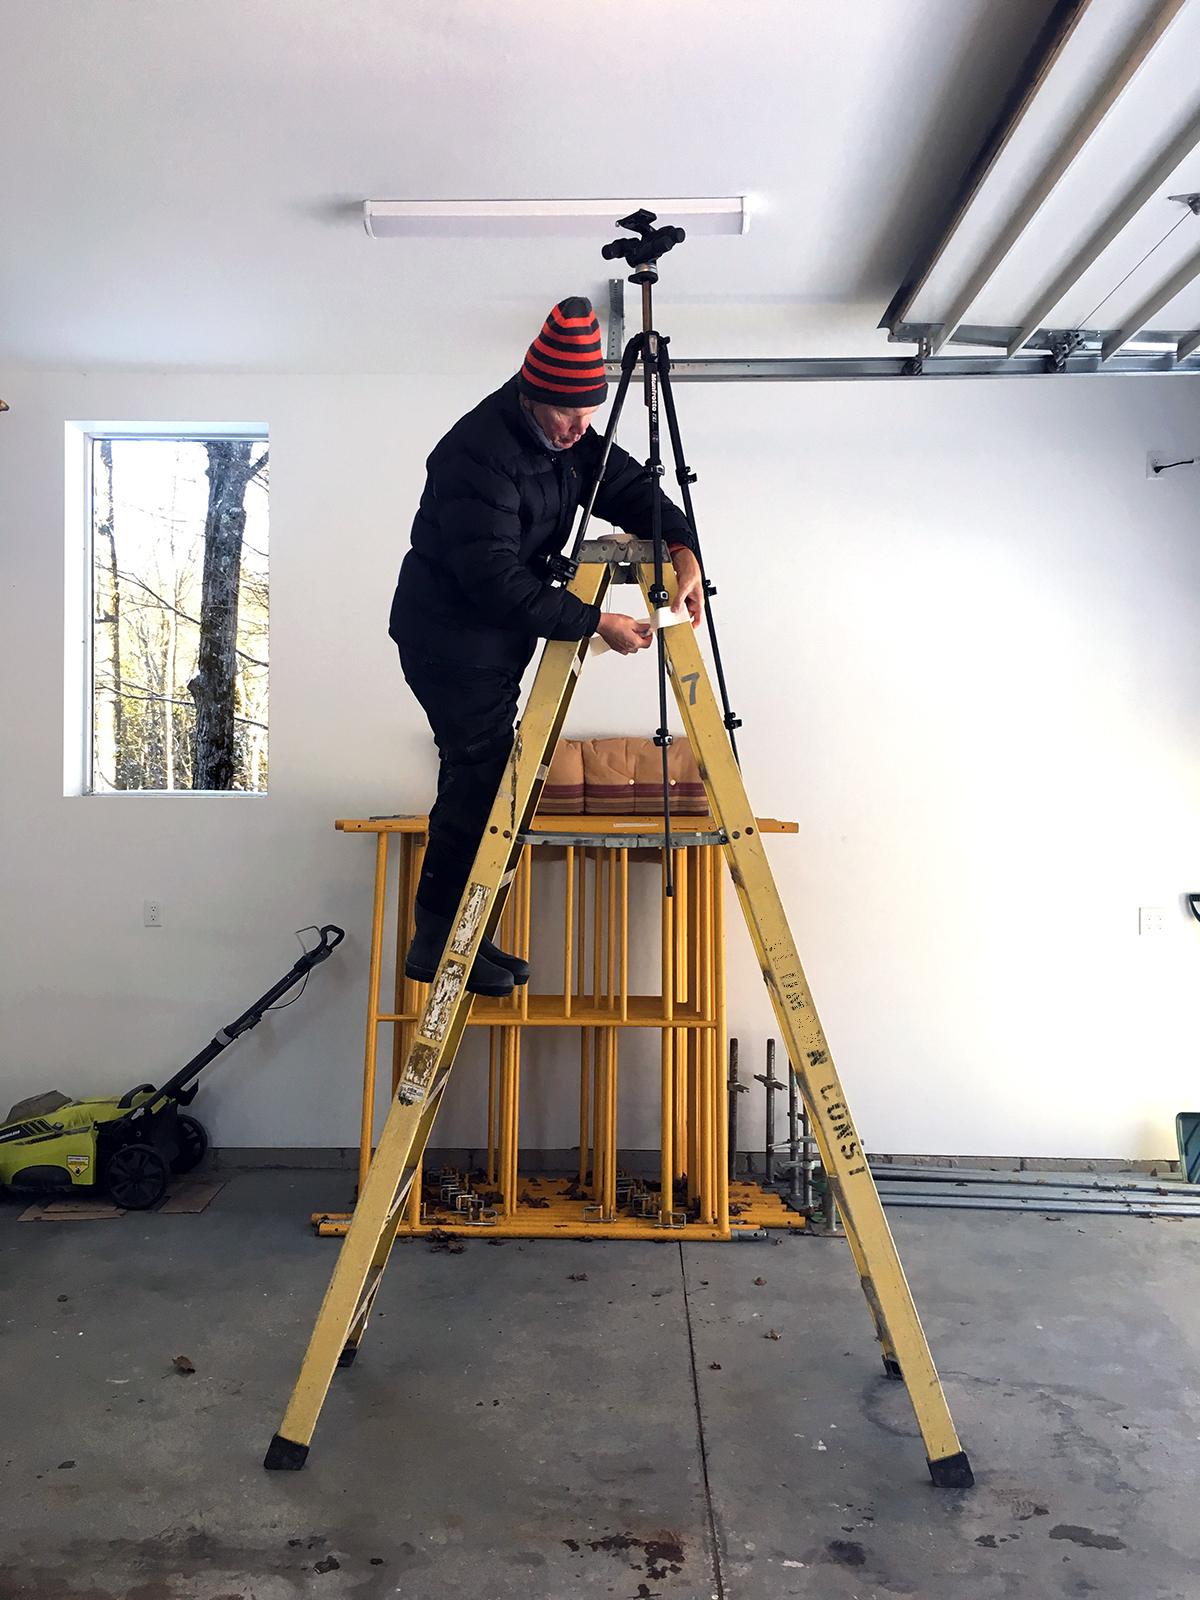 Poul Ober rigging up a ladder